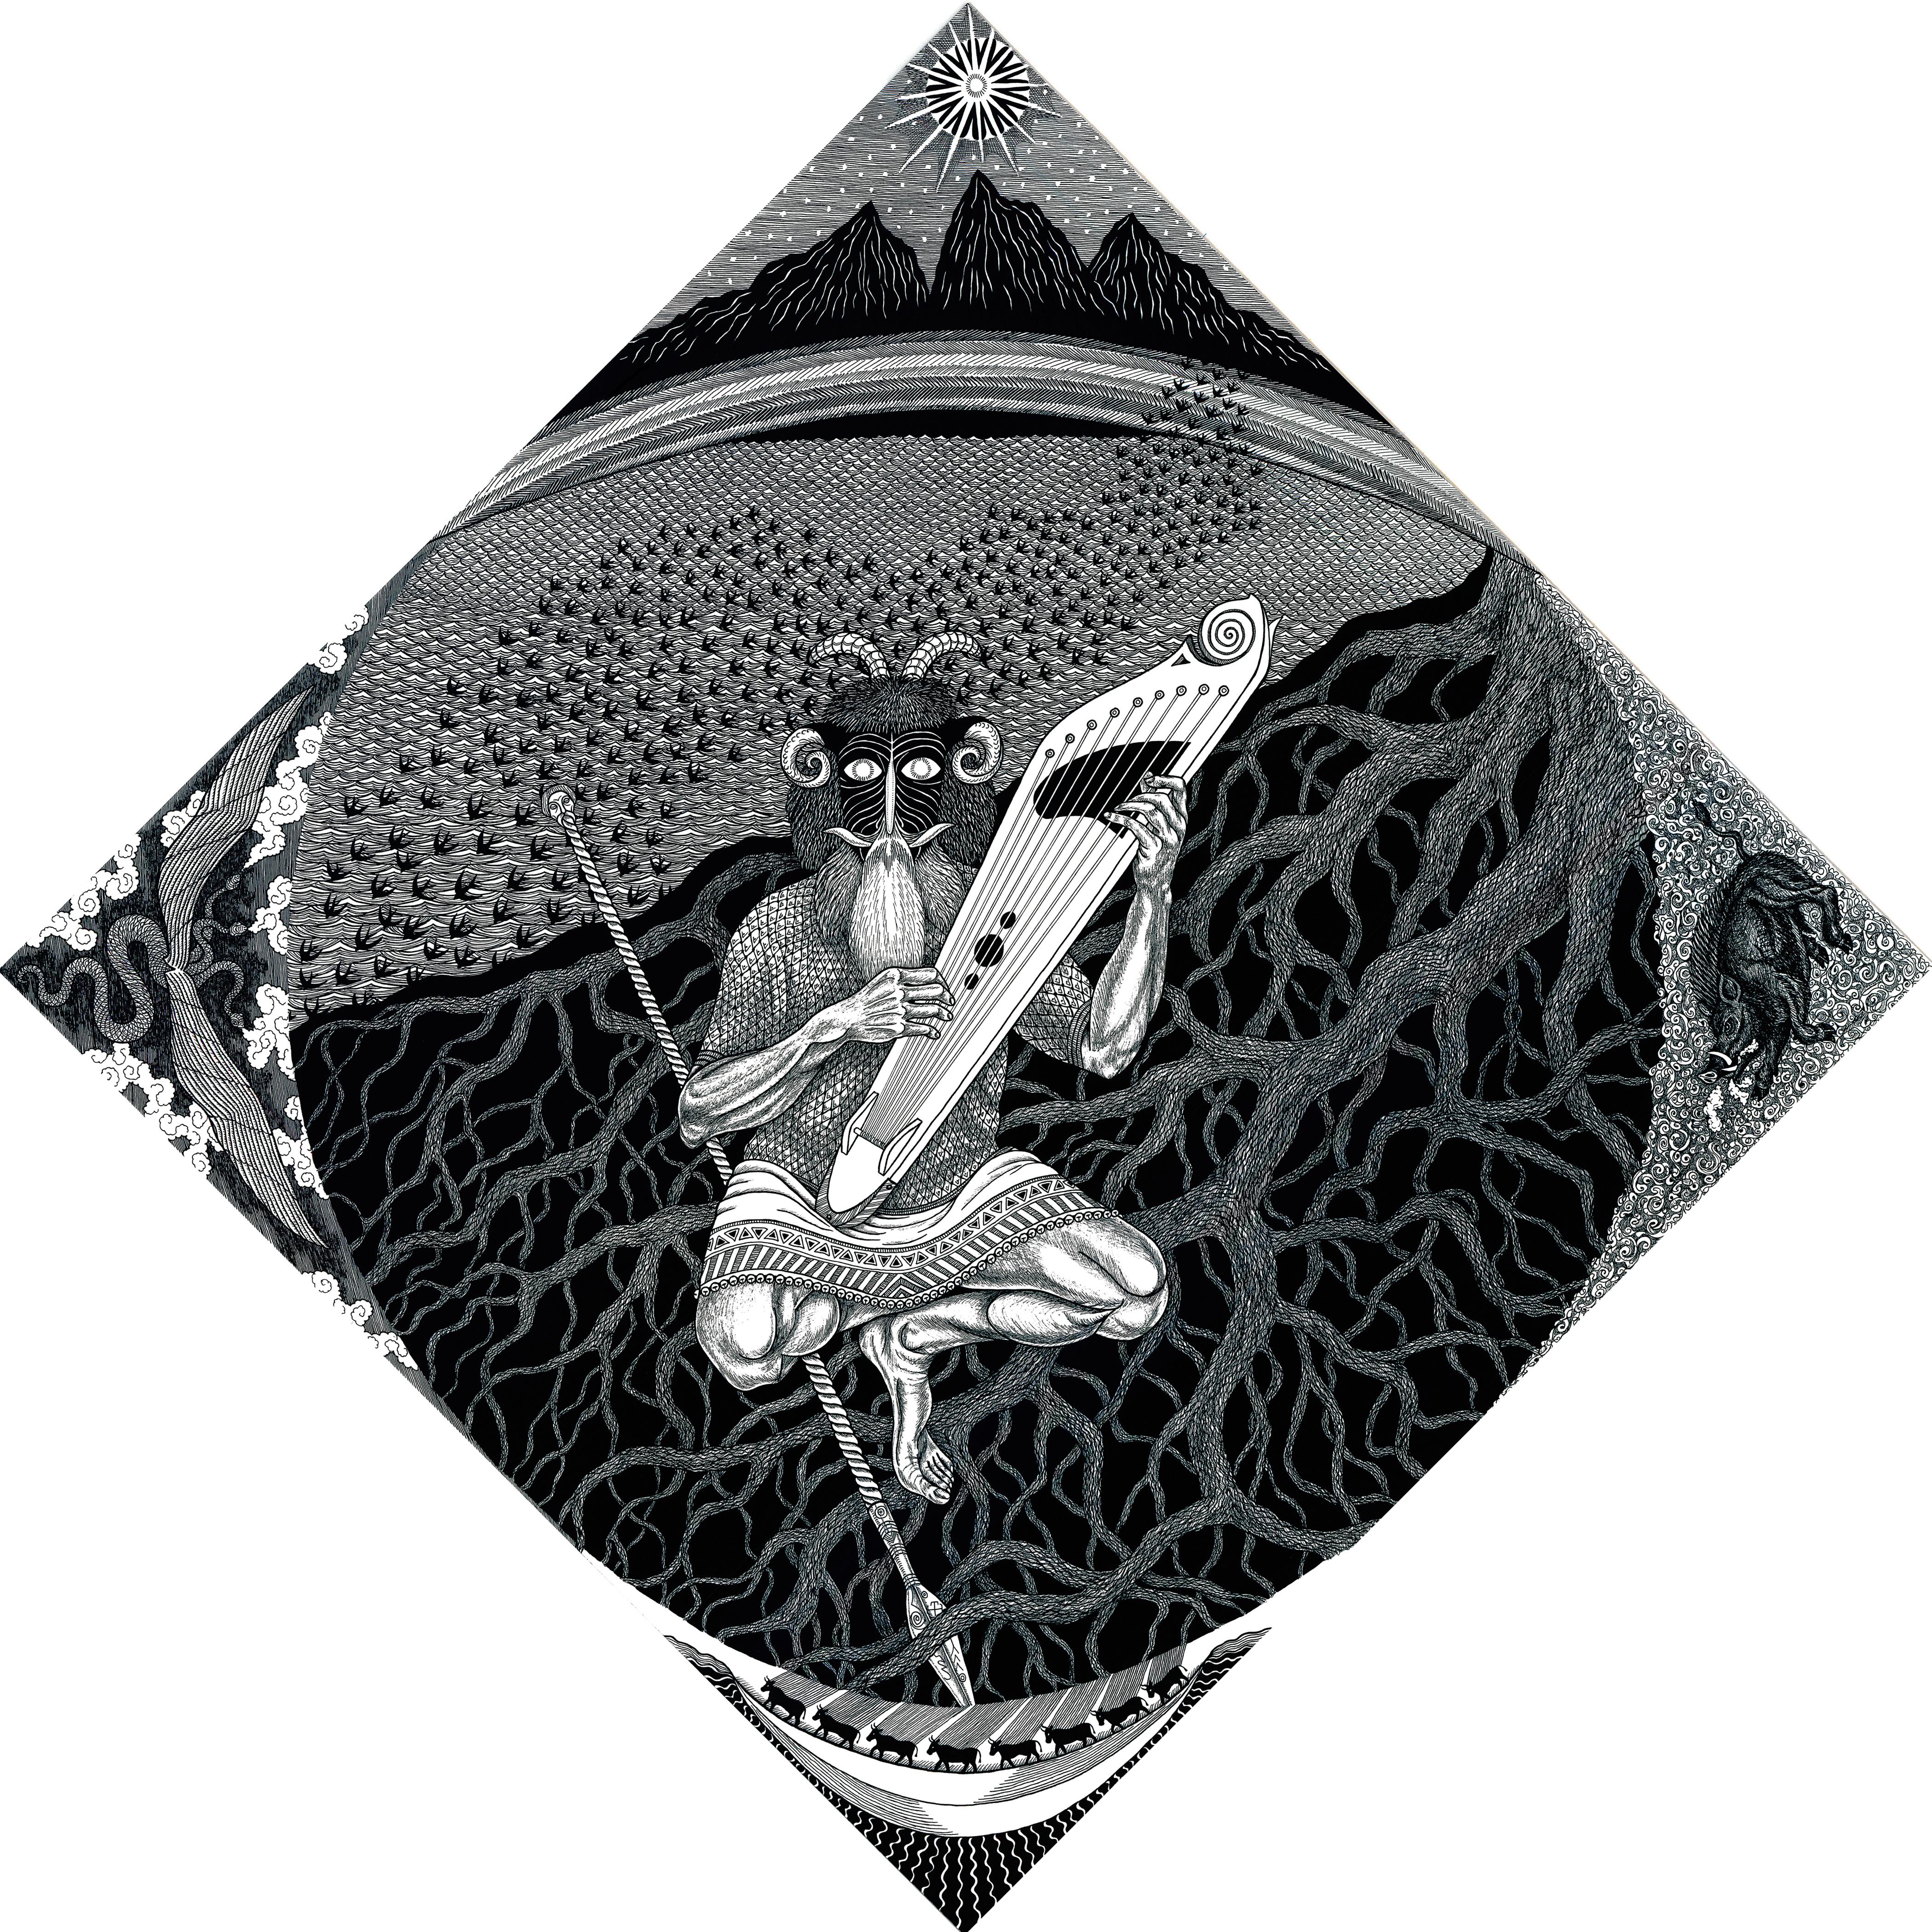 Veles (god) - Wikipedia